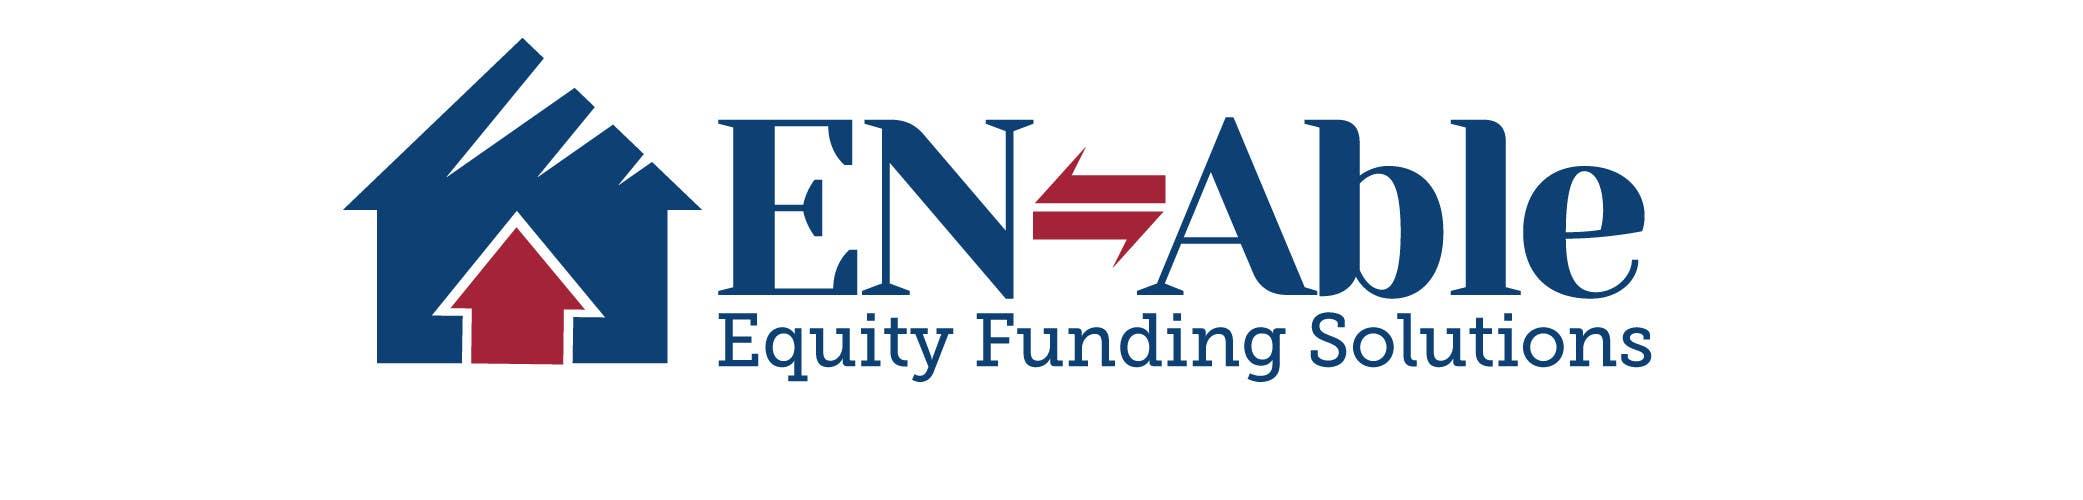 Bài tham dự cuộc thi #                                        1                                      cho                                         Design a Logo for EN-Able Equity Funding Solutions (Pty) Ltd